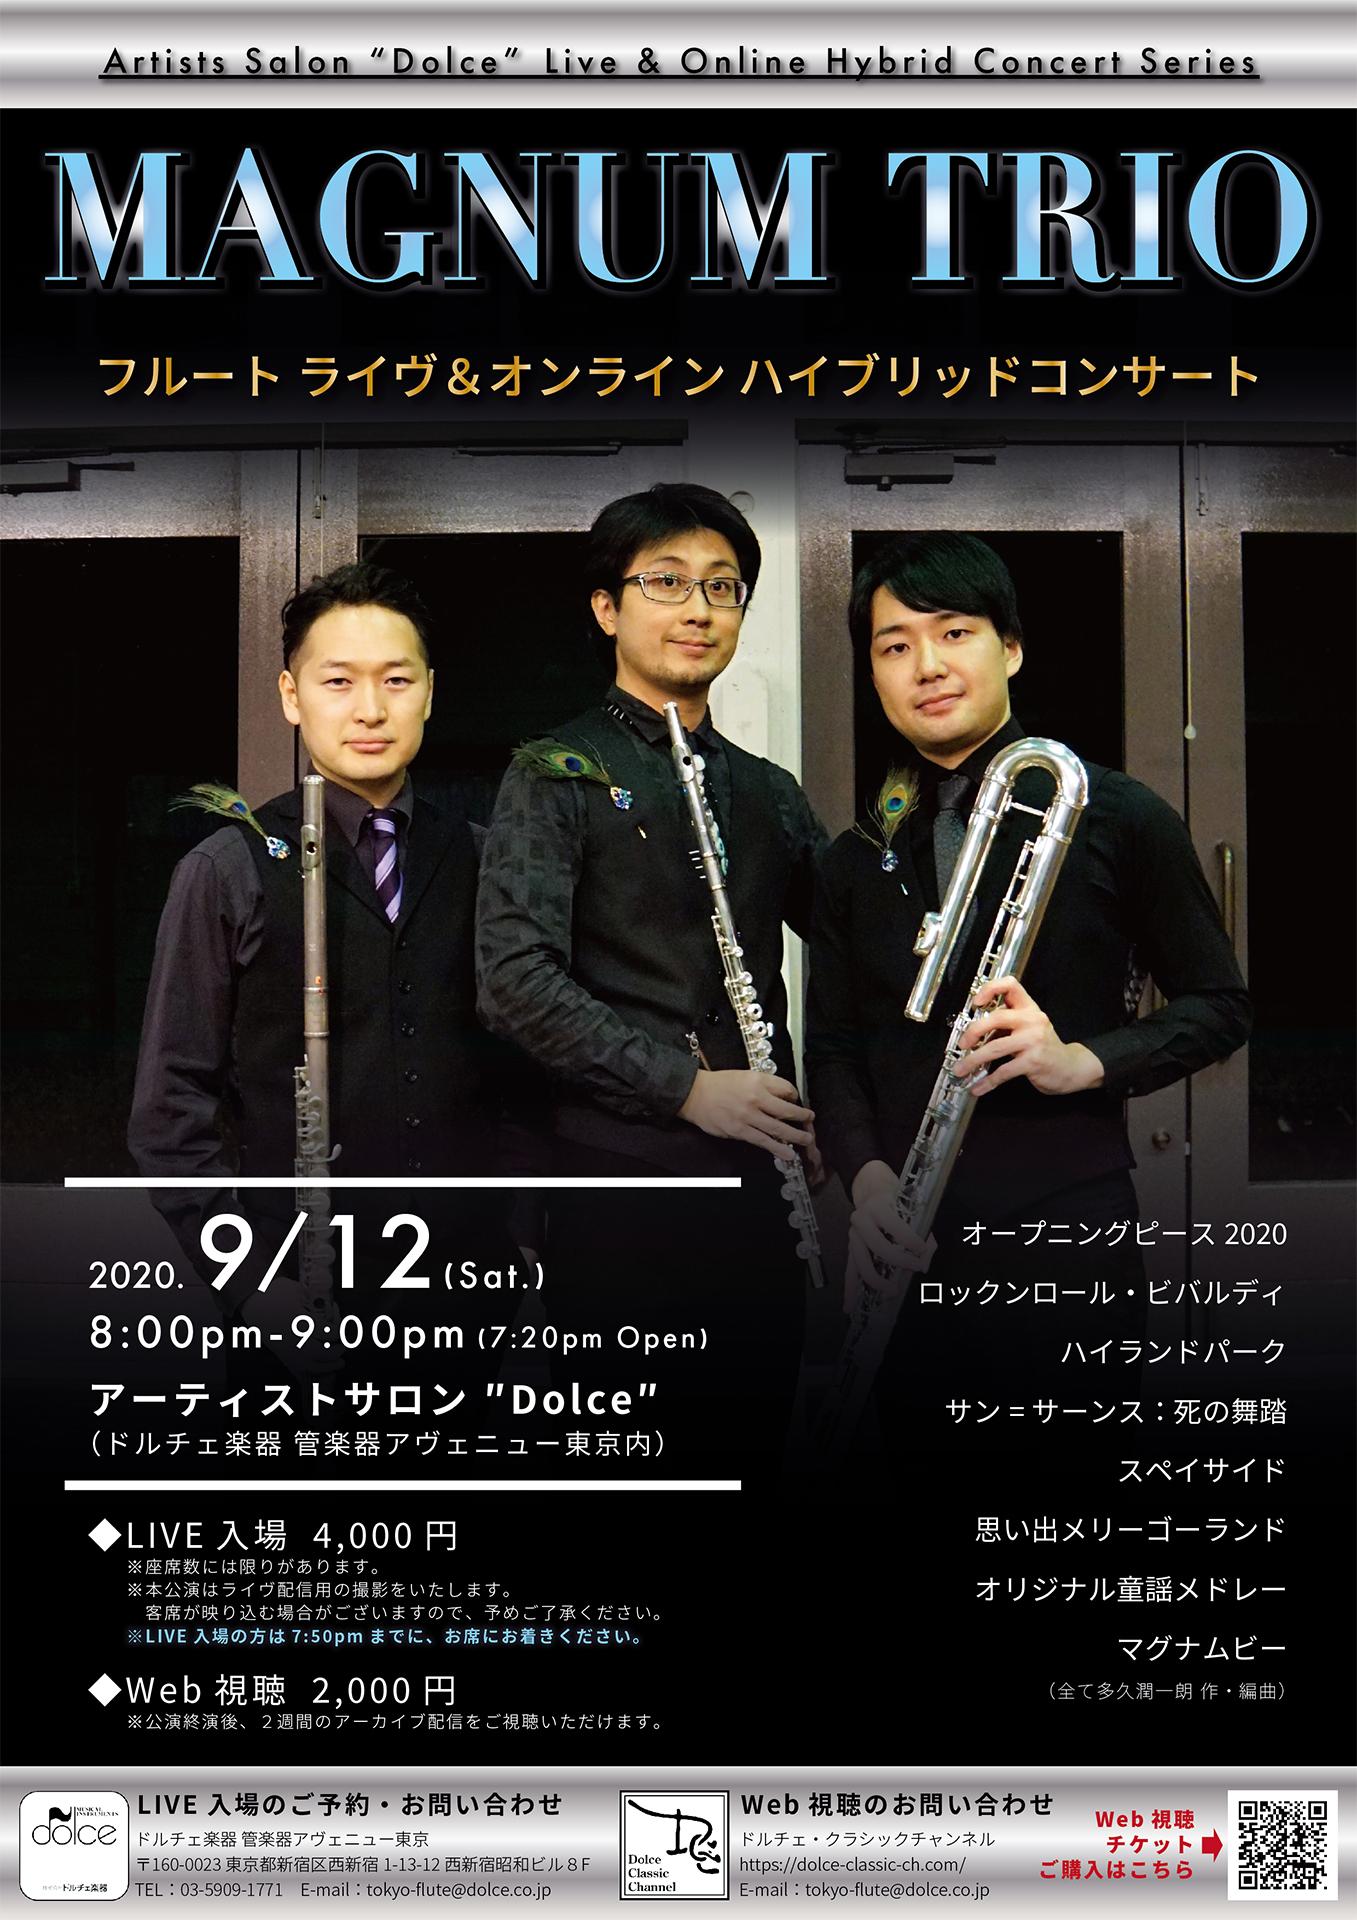 Magnum Flute Hybrid Concert